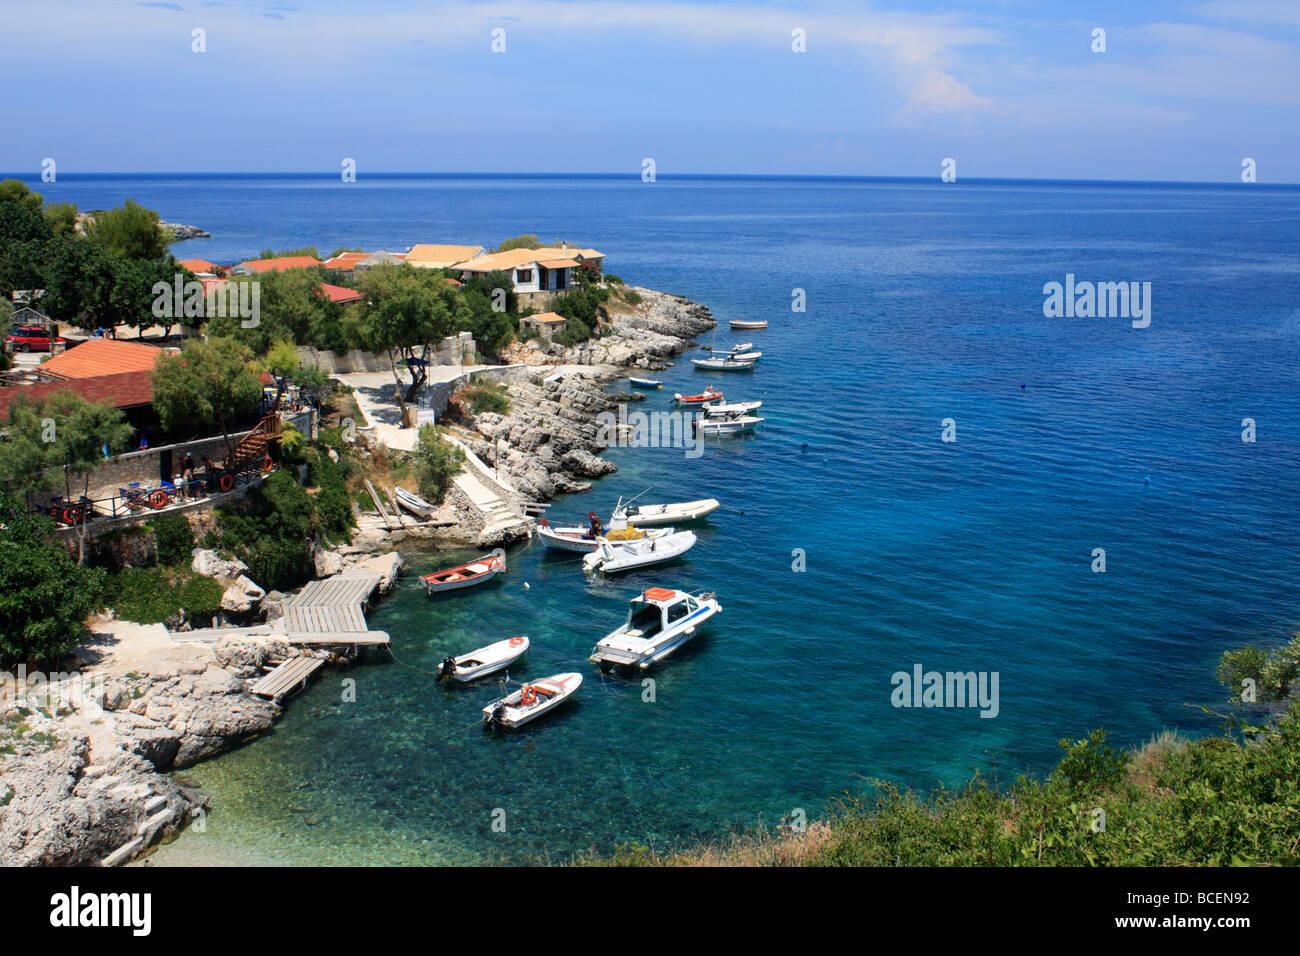 Makris Gialos Harbour Ionian Sea Zante Zakynthos Greece EU European Union Europe - Stock Image